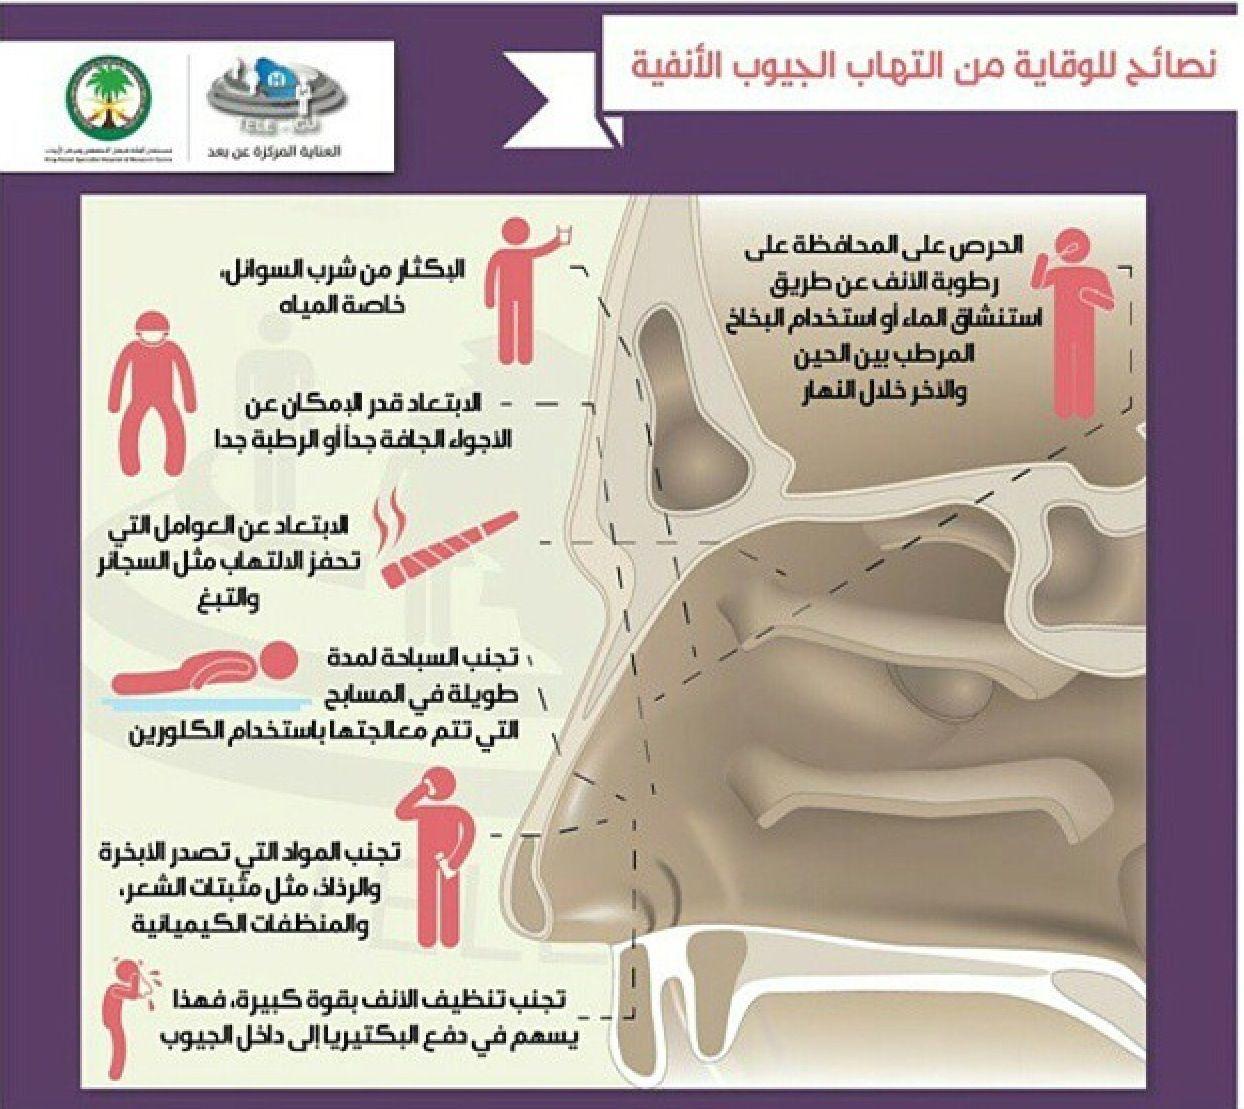 نصائح للوقاية من التهاب الجيوب الأنفية Lull Health Care